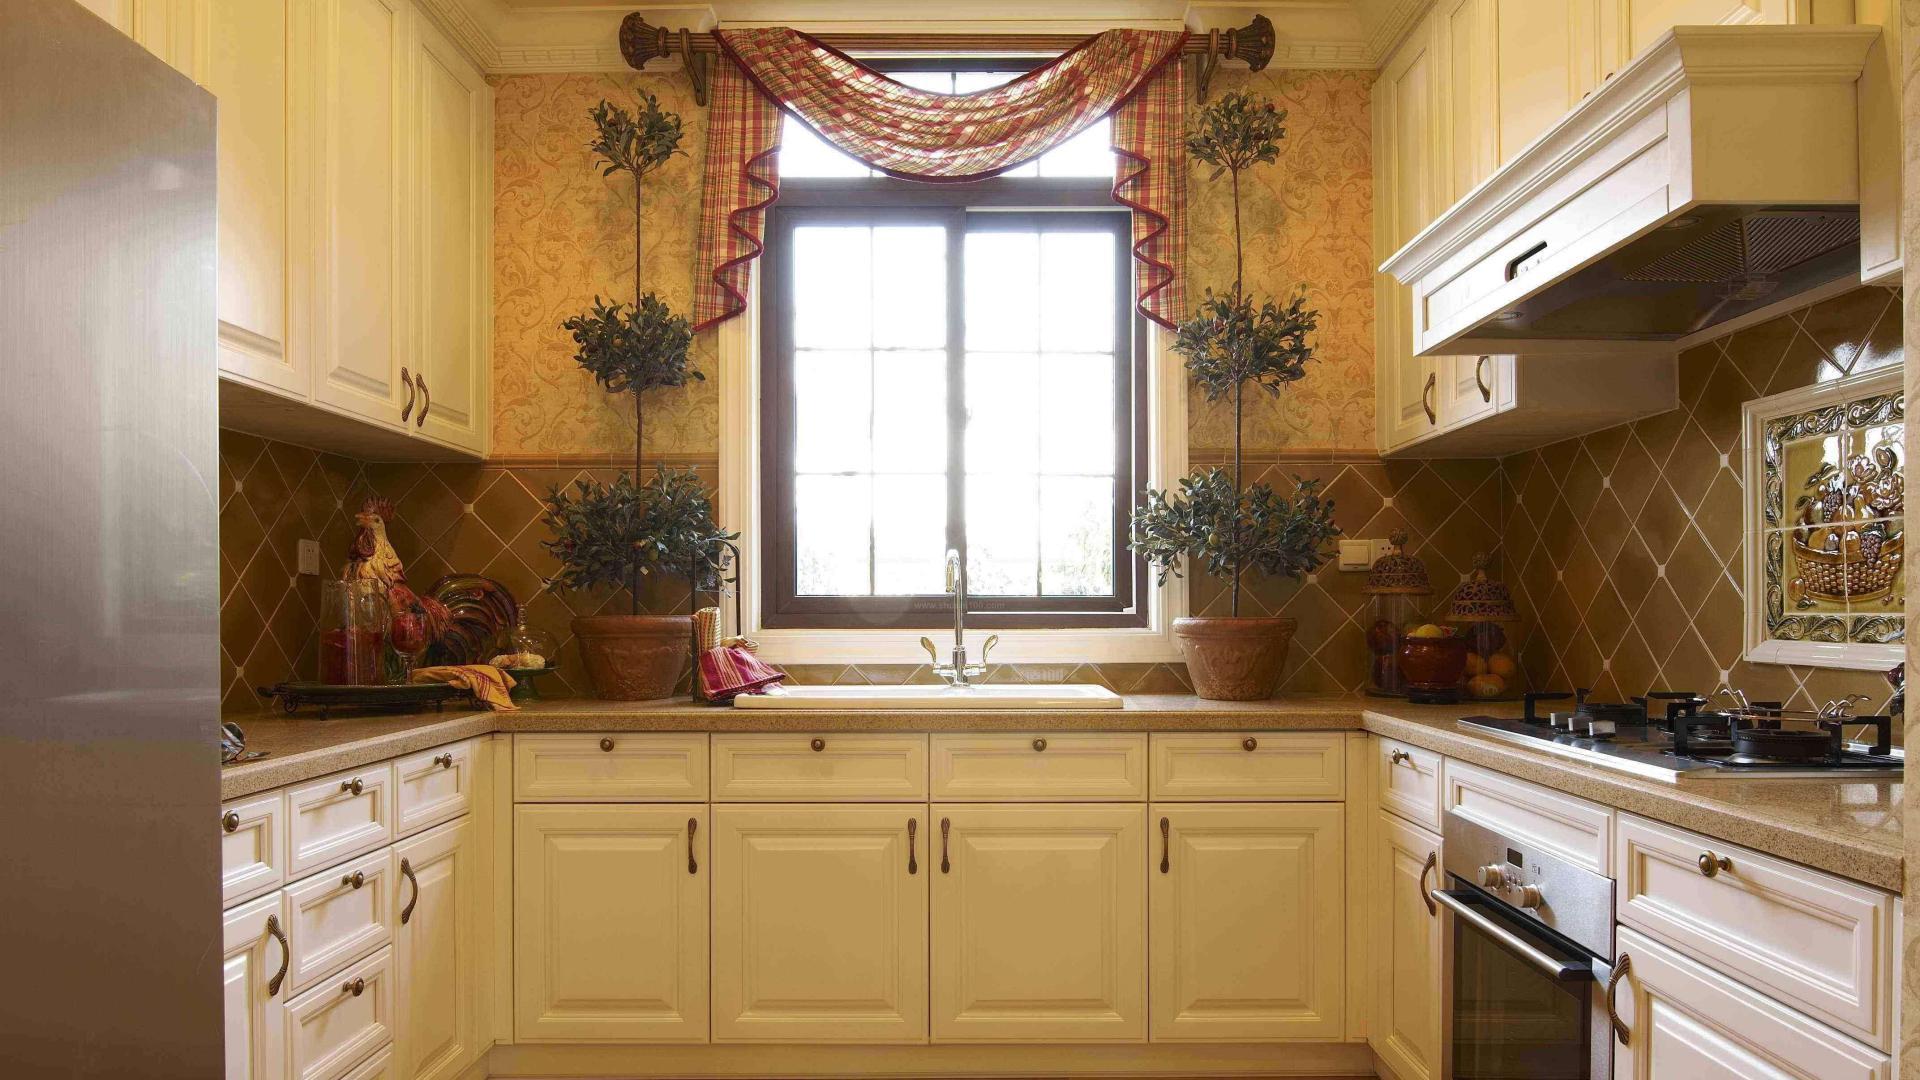 厨房物品不够位置摆放,这样做置物架,整洁美观又不占地